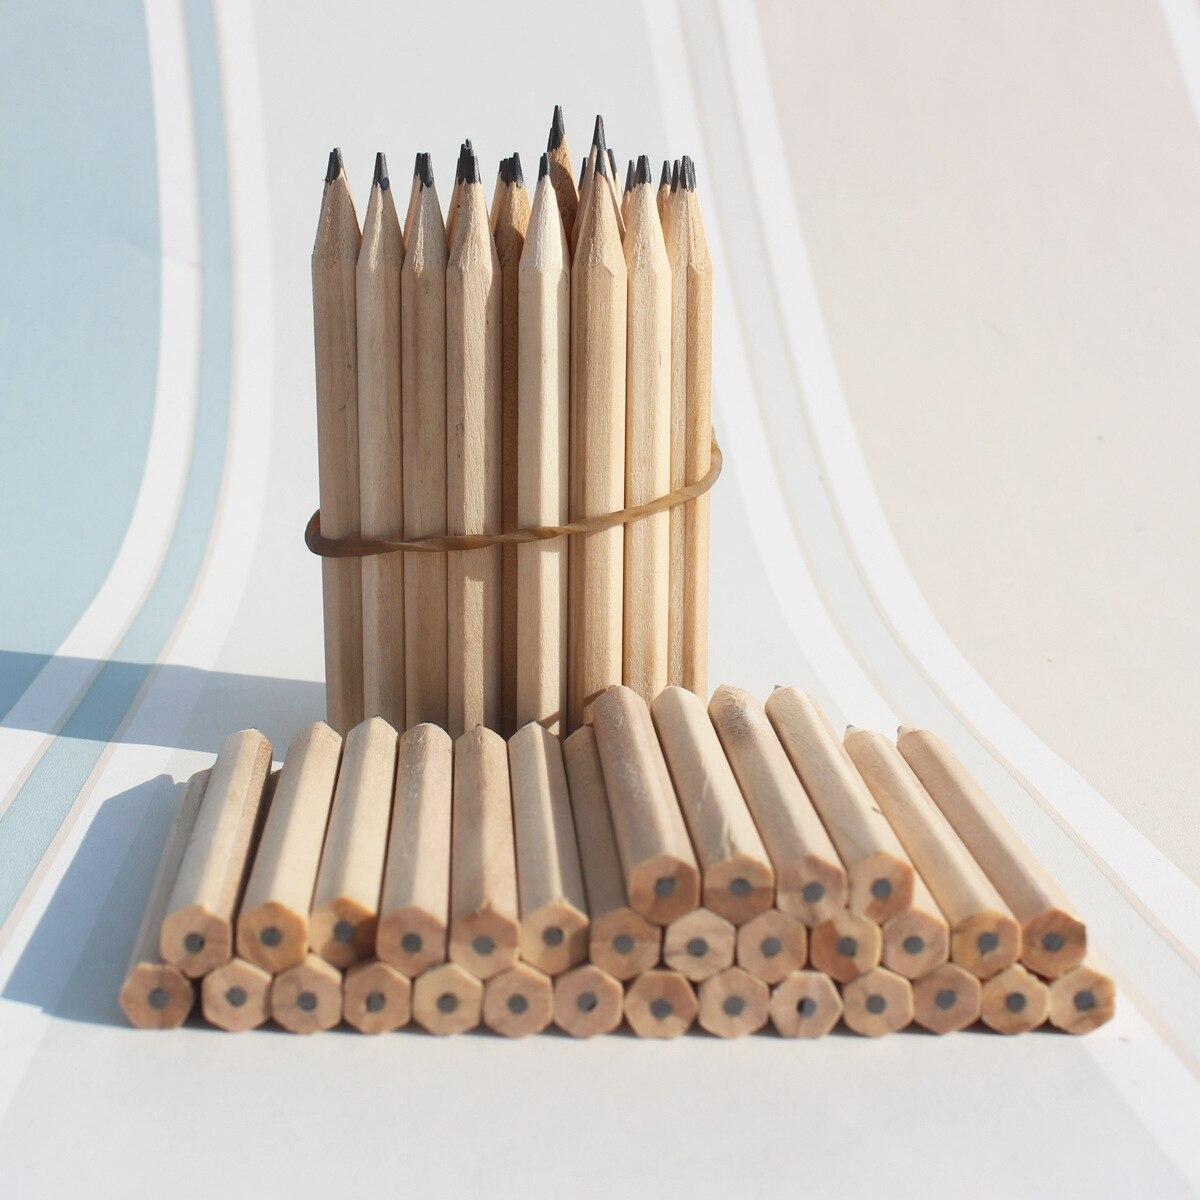 3,5 pulgadas 100 unids/lote HB lápiz de madera los estudiantes boceto lápiz papelería escuela artículos de respetuoso del medio ambiente de fábrica al por mayor